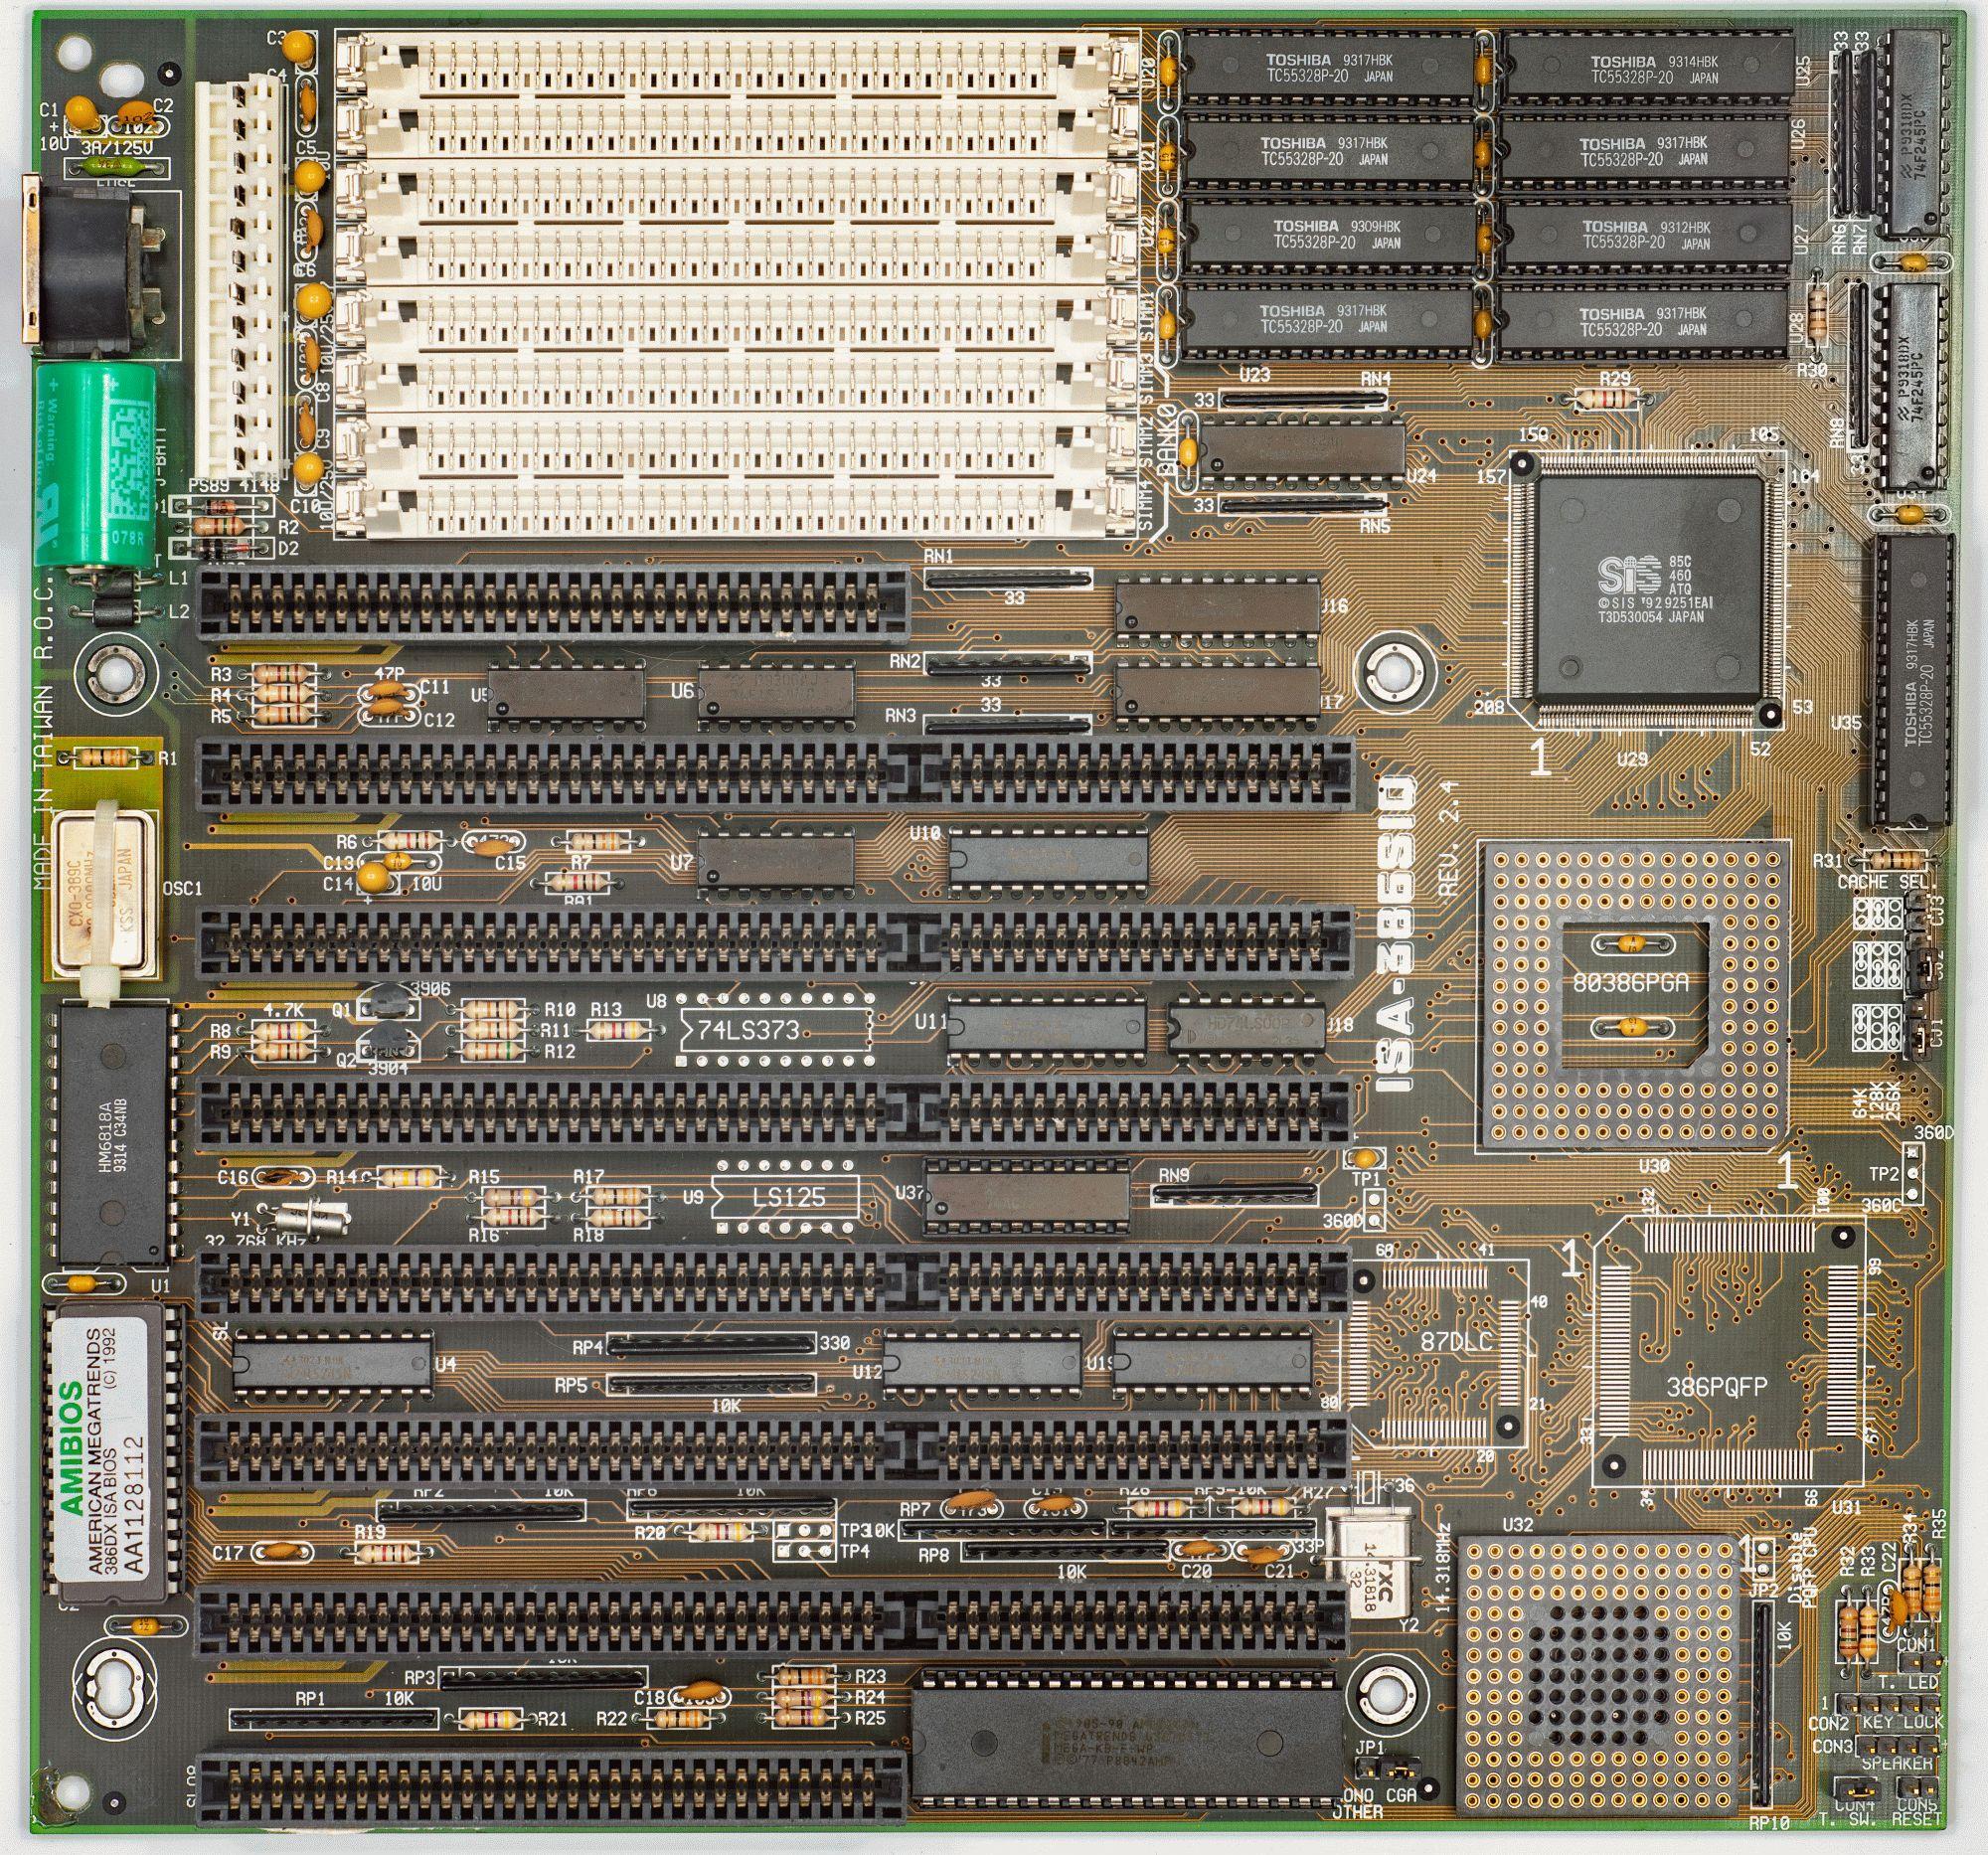 Древности: беспощадный апгрейд 386-го компьютера - 3